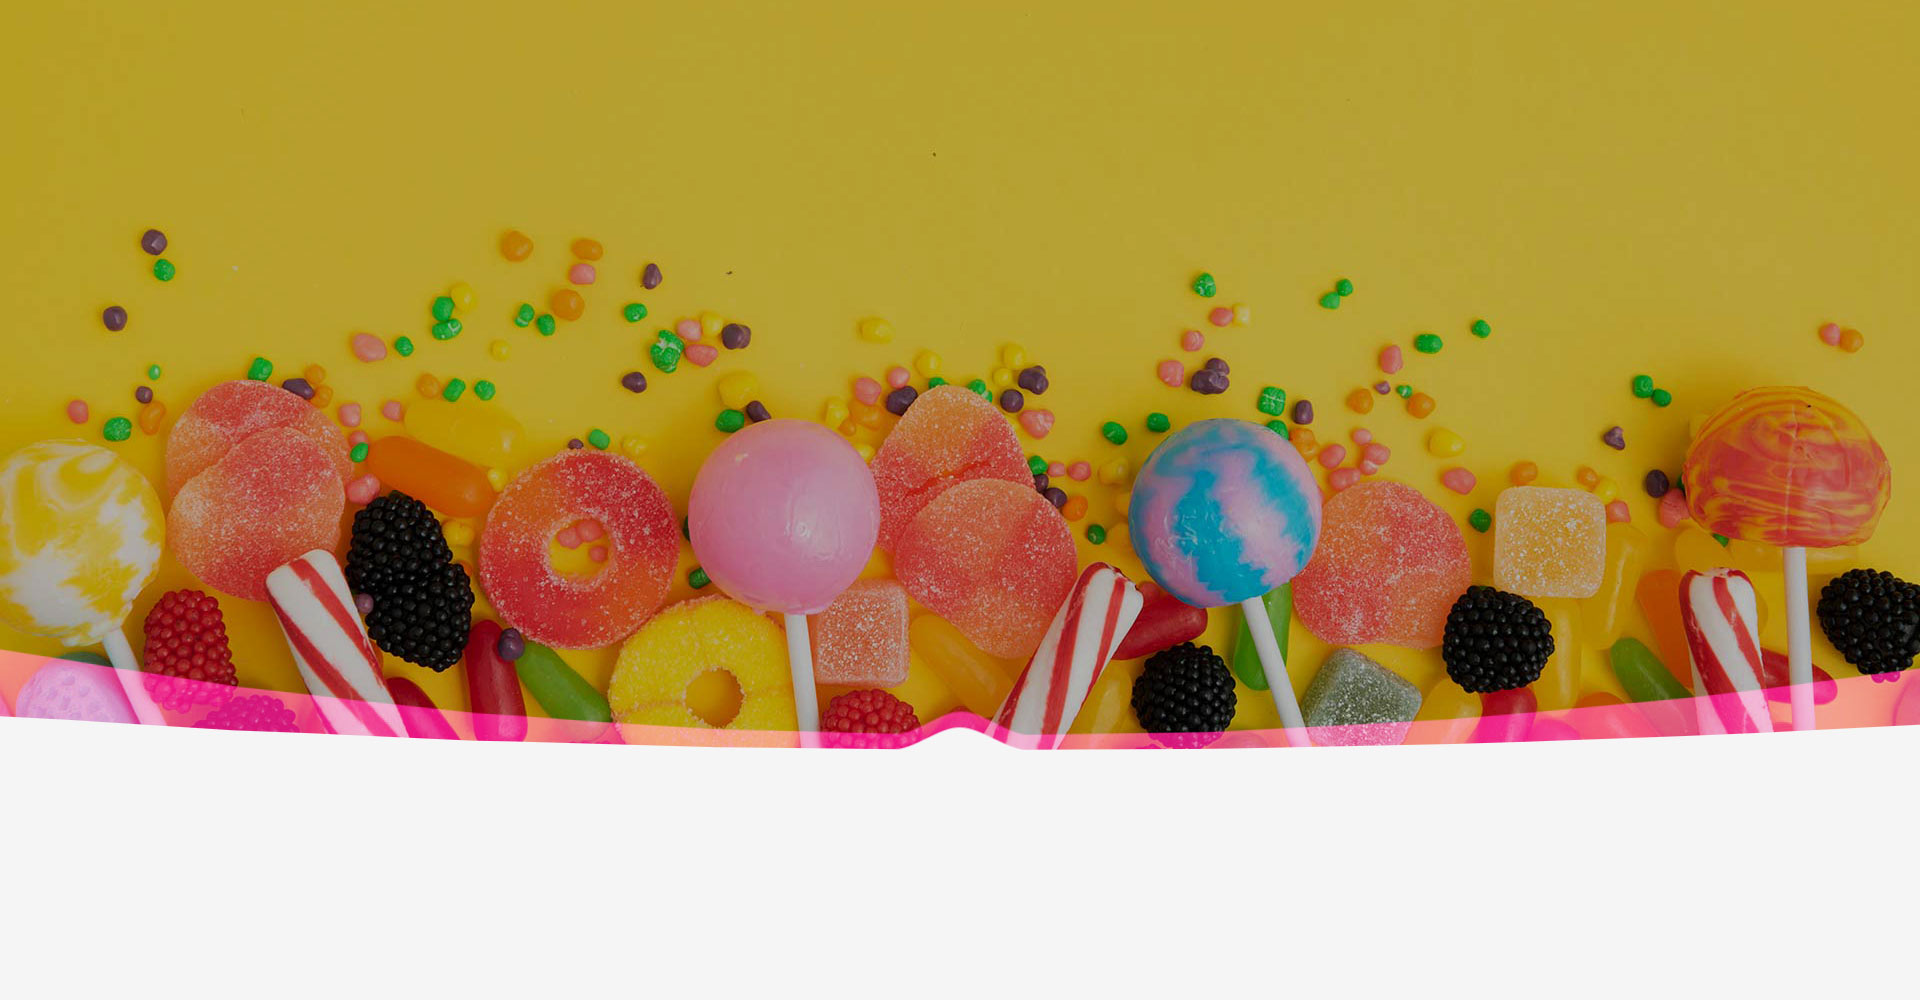 Aqui na Mil Doces você encontra uma grande variedade de doces e produtos para alegrar a suas festas.